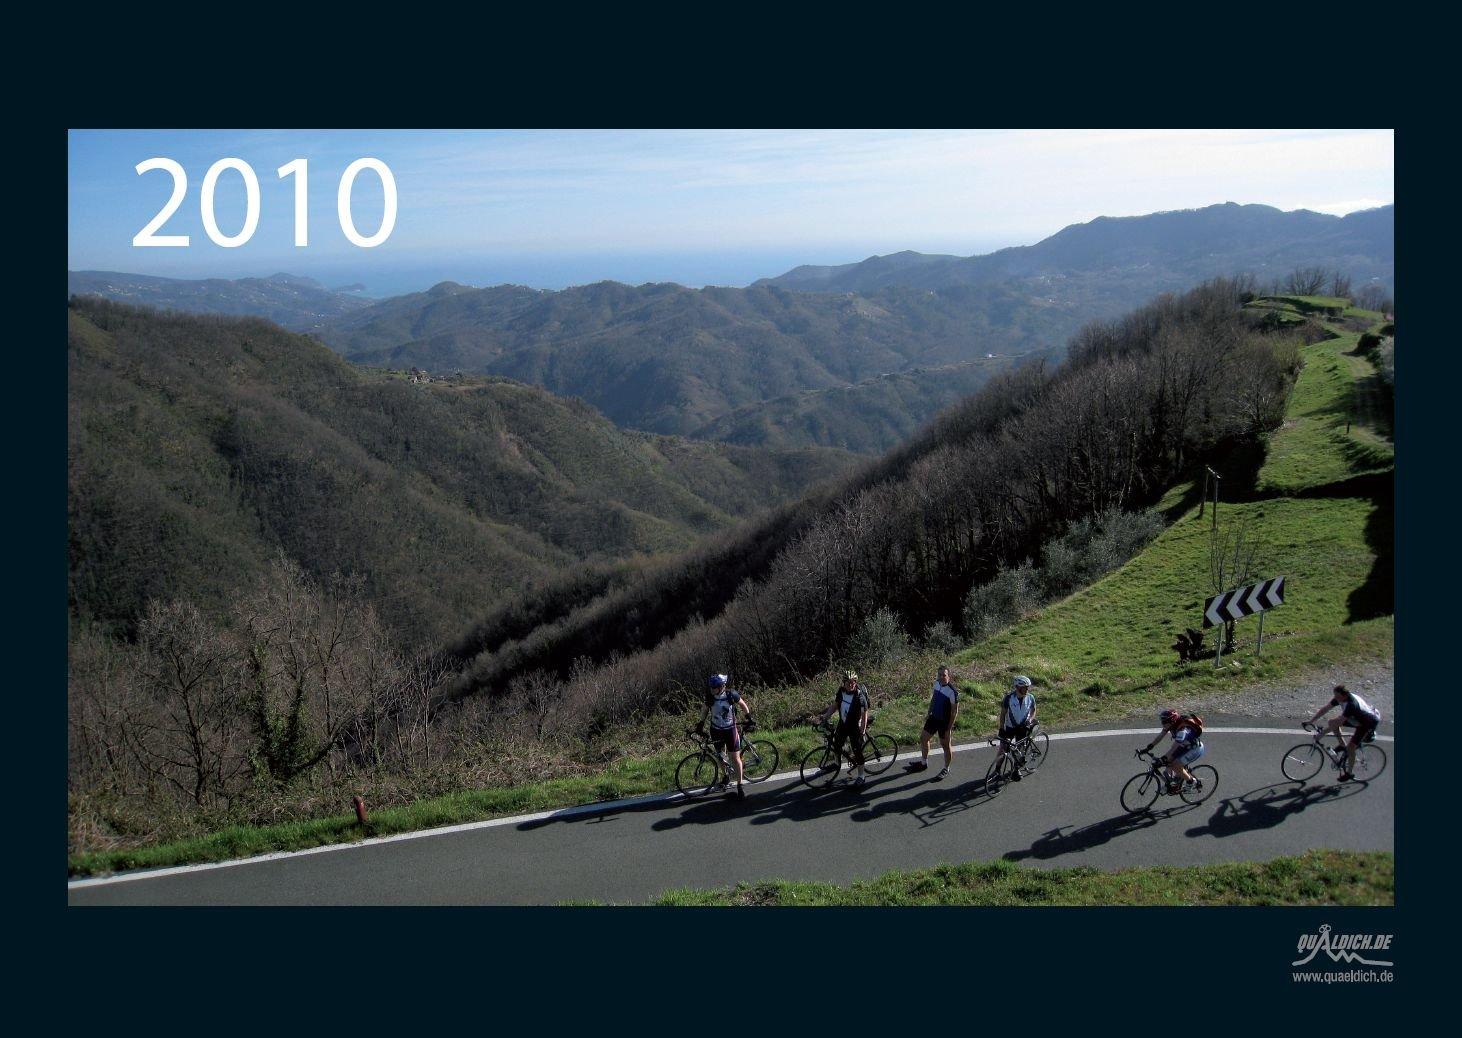 quäldich.de-Rennrad-Kalender 2010: Mit 13 Bildern und 12 Touren durch das Radsport-Jahr 2010